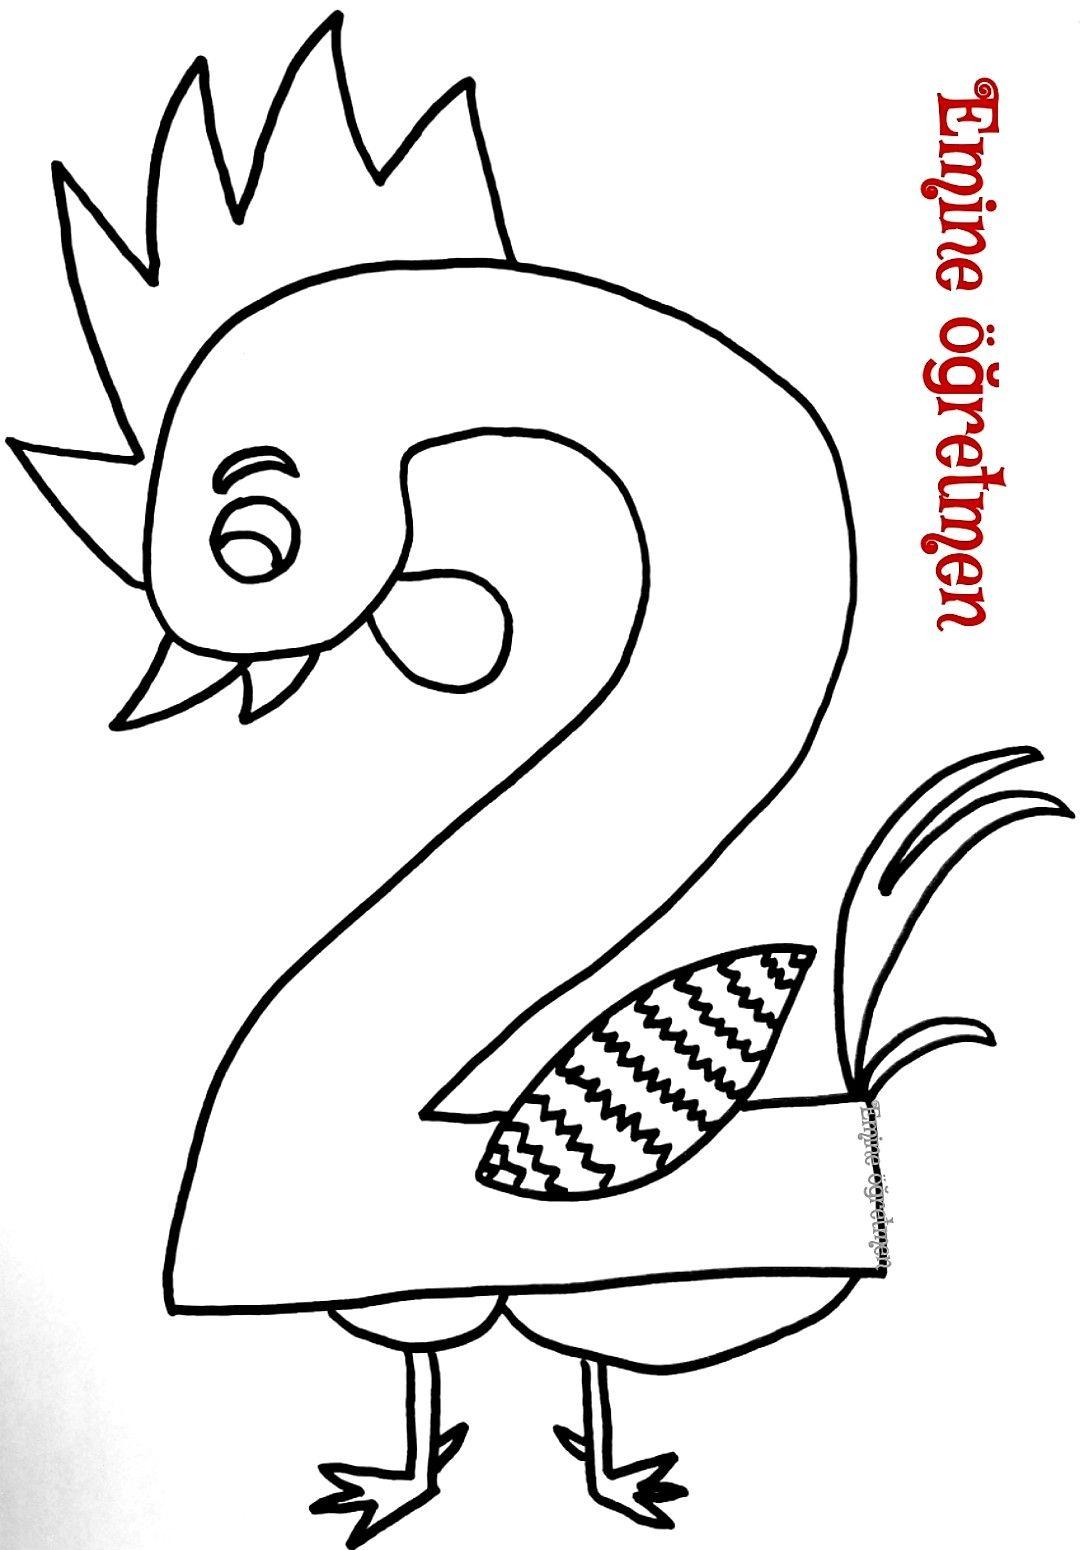 Emine Ogretmen 2 Rakamindan Horoz Kalibi Matematik Cocuklar